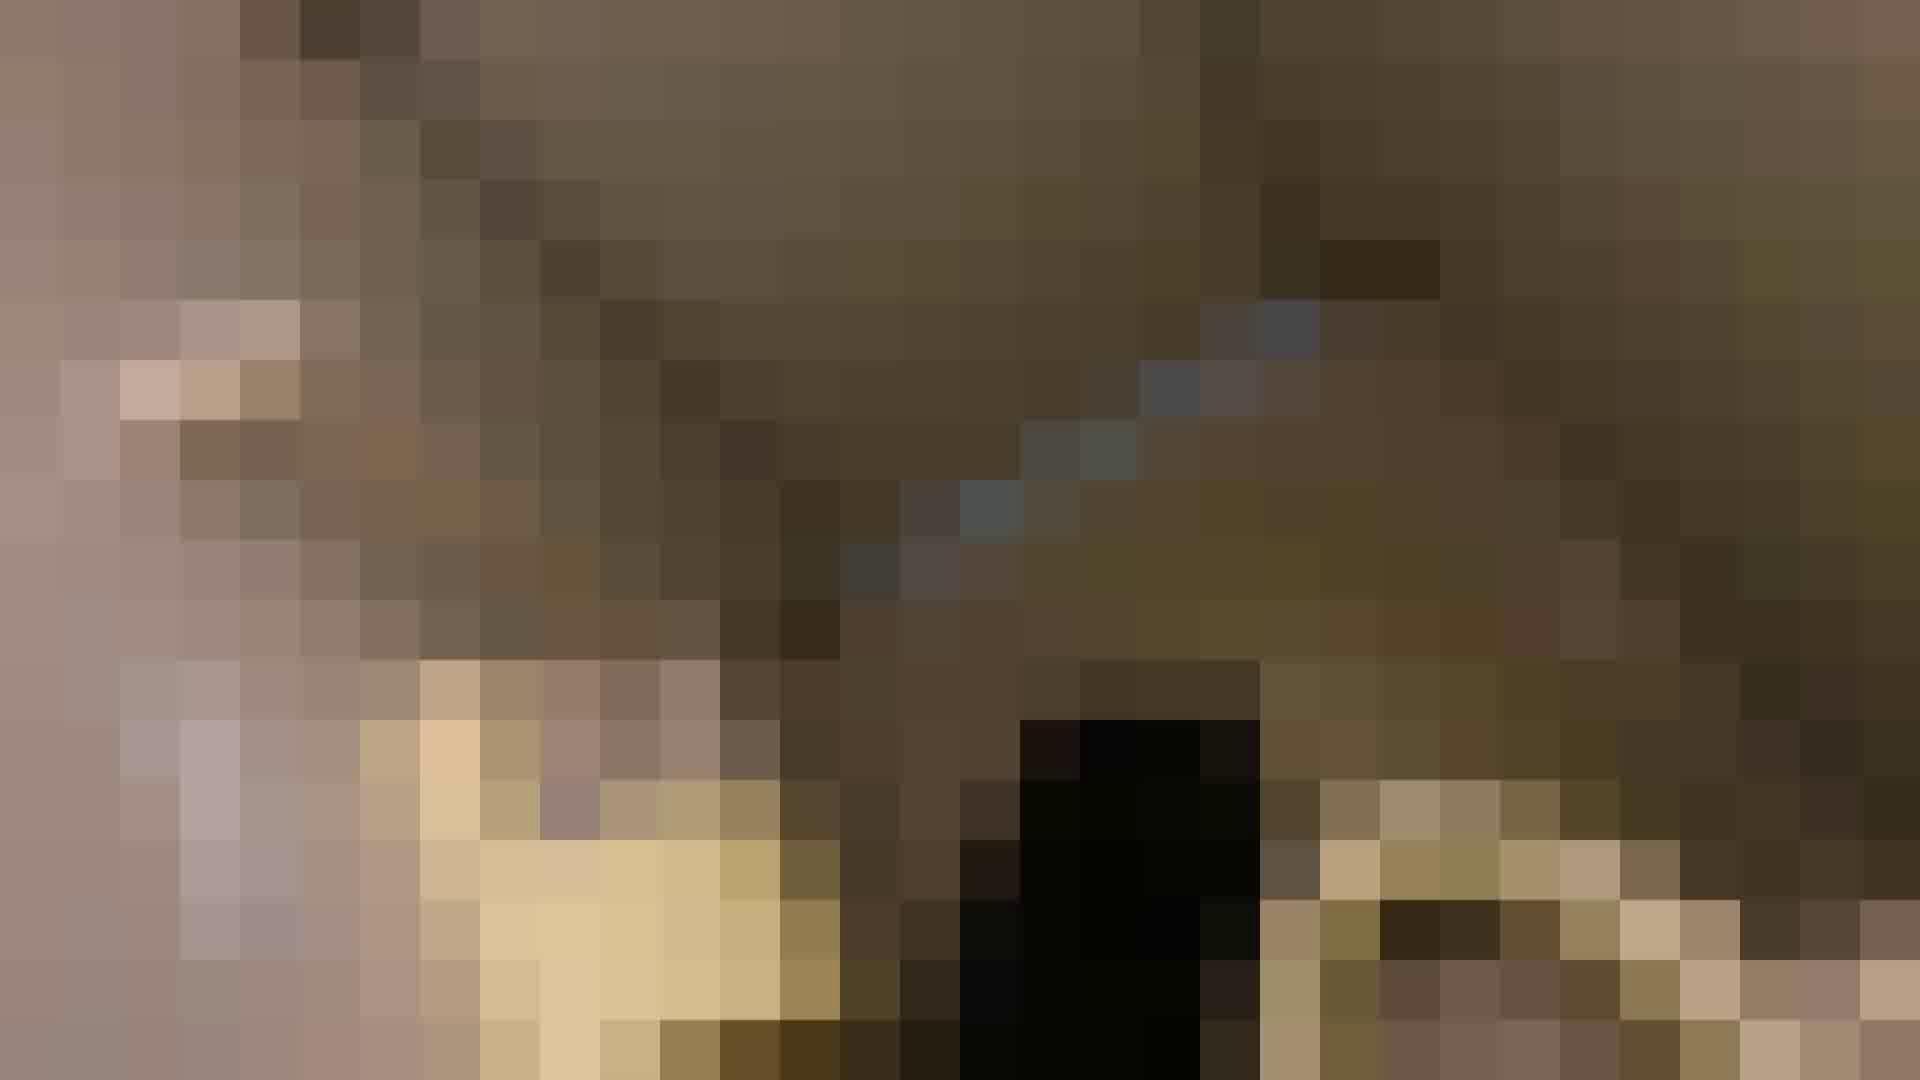 美女詰め合わせギフトvol.03 ギャル攻め おまんこ動画流出 107画像 68